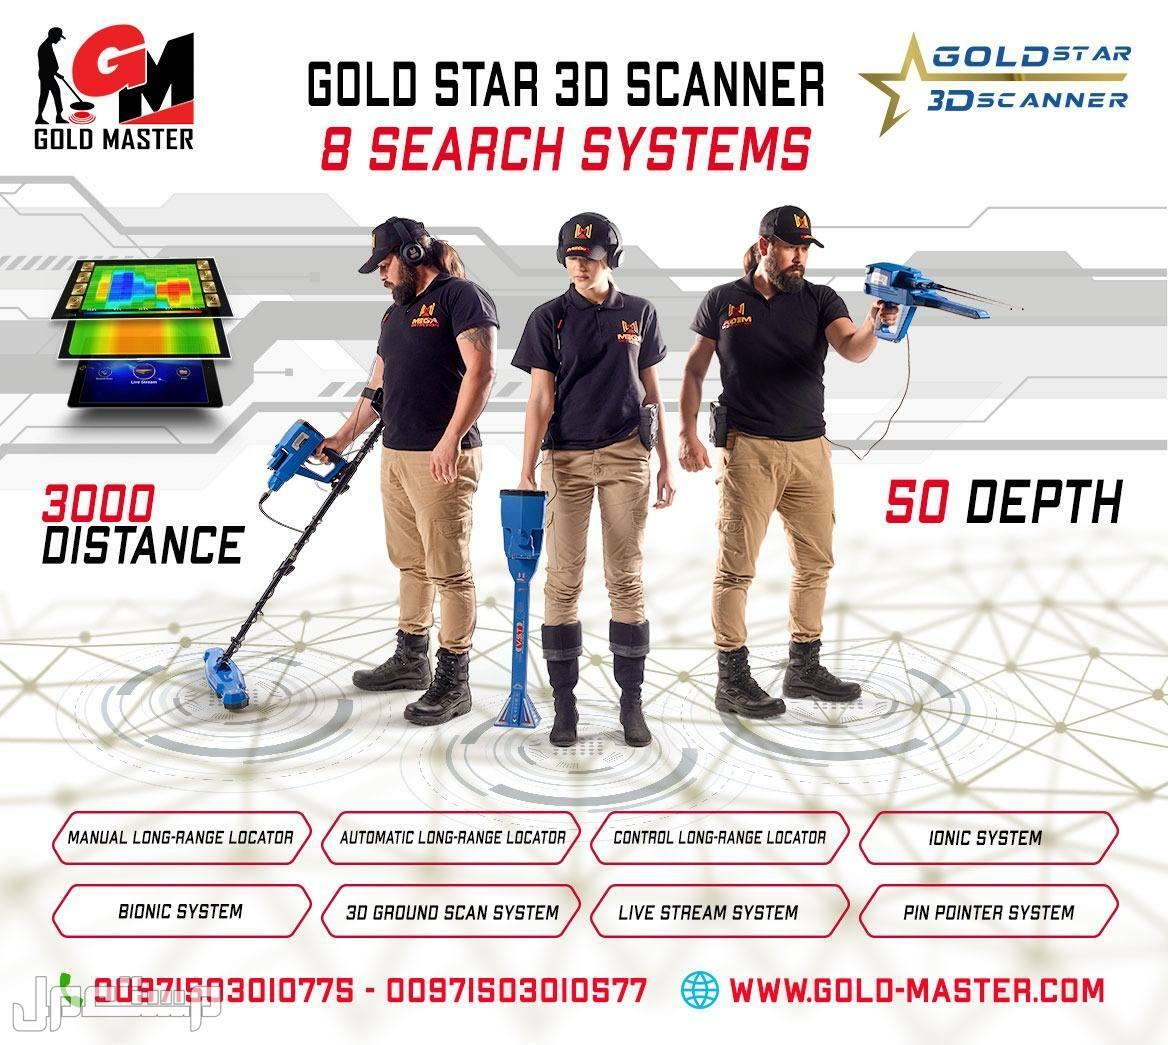 gold star 3d scanner   gold detector in ksa 2021 Gold Star 3D Scanner - Professional Metal Detector for Treasure Hunters /